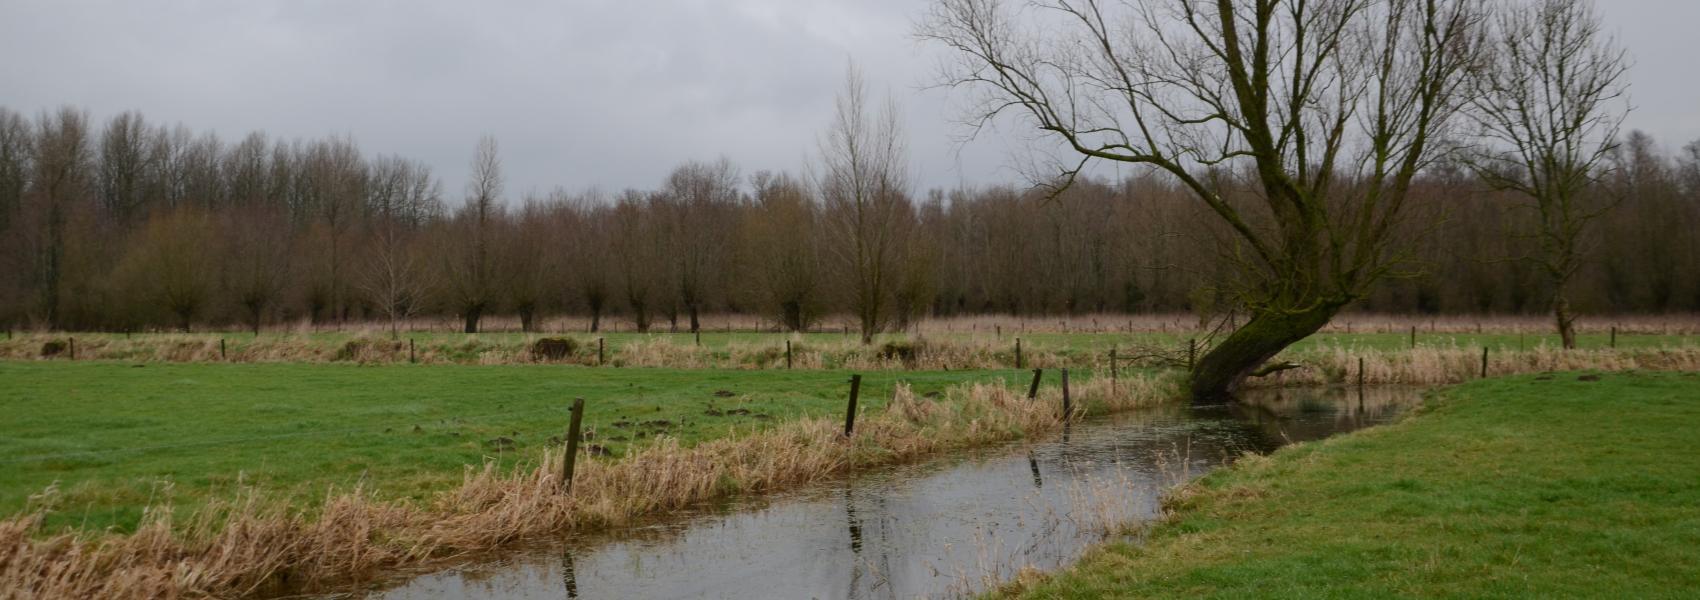 Landschap in de Vinderhoutse bossen - Jean-Pierre Nicaise